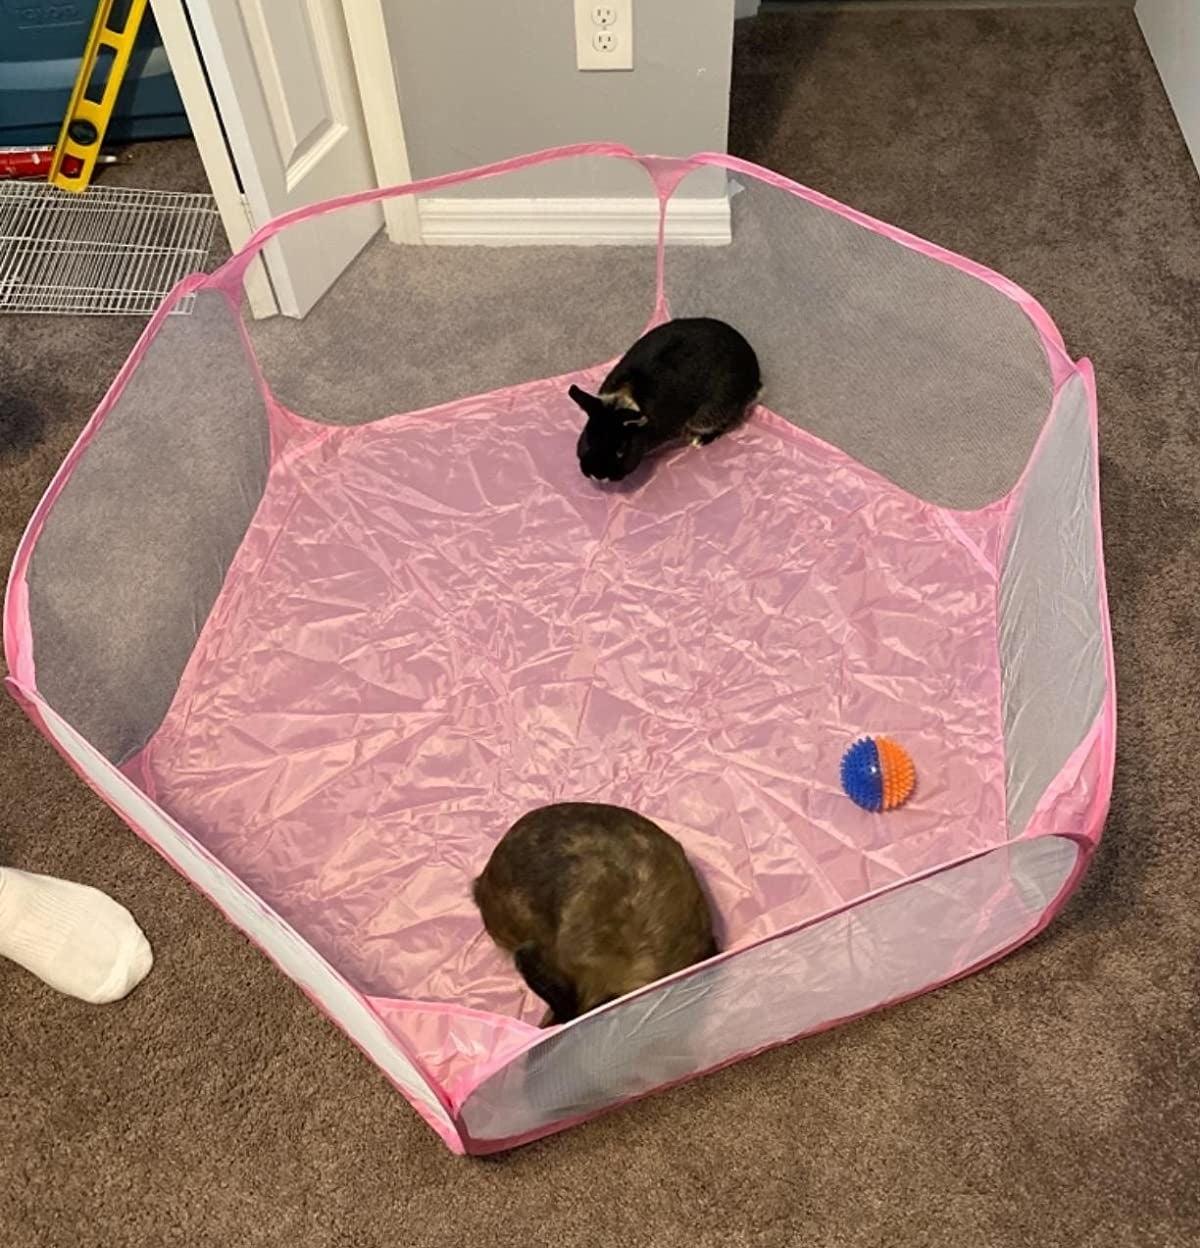 Reviewer image of bunnies inside waterproof playpen